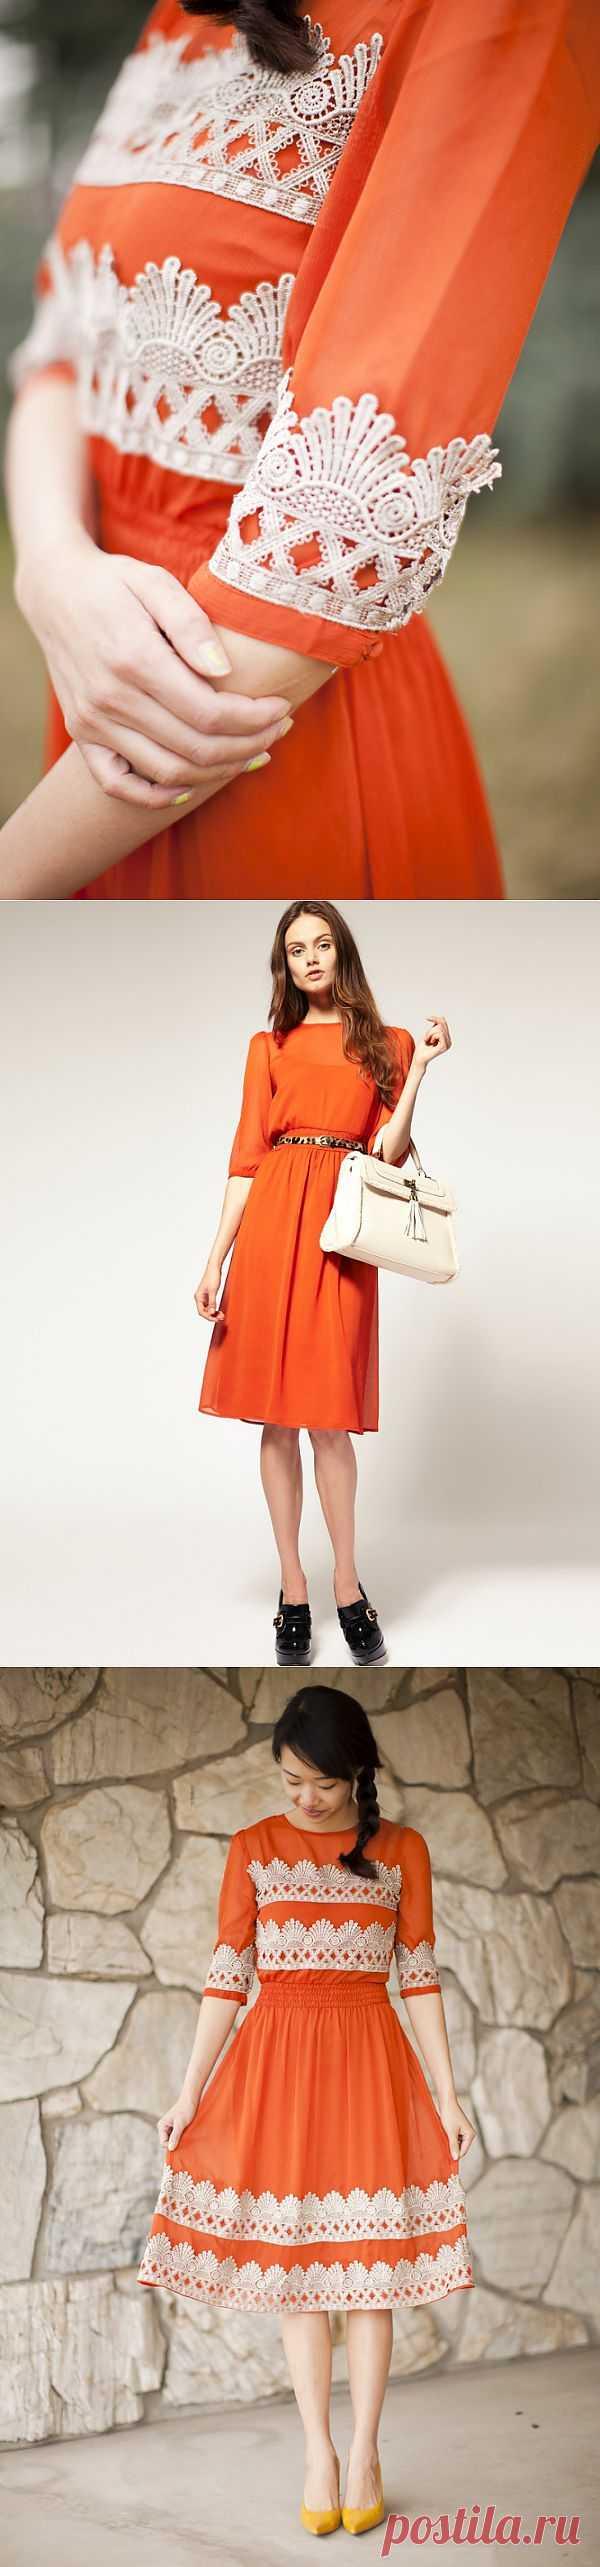 Декор платья кружевом / Платья Diy / Модный сайт о стильной переделке одежды и интерьера